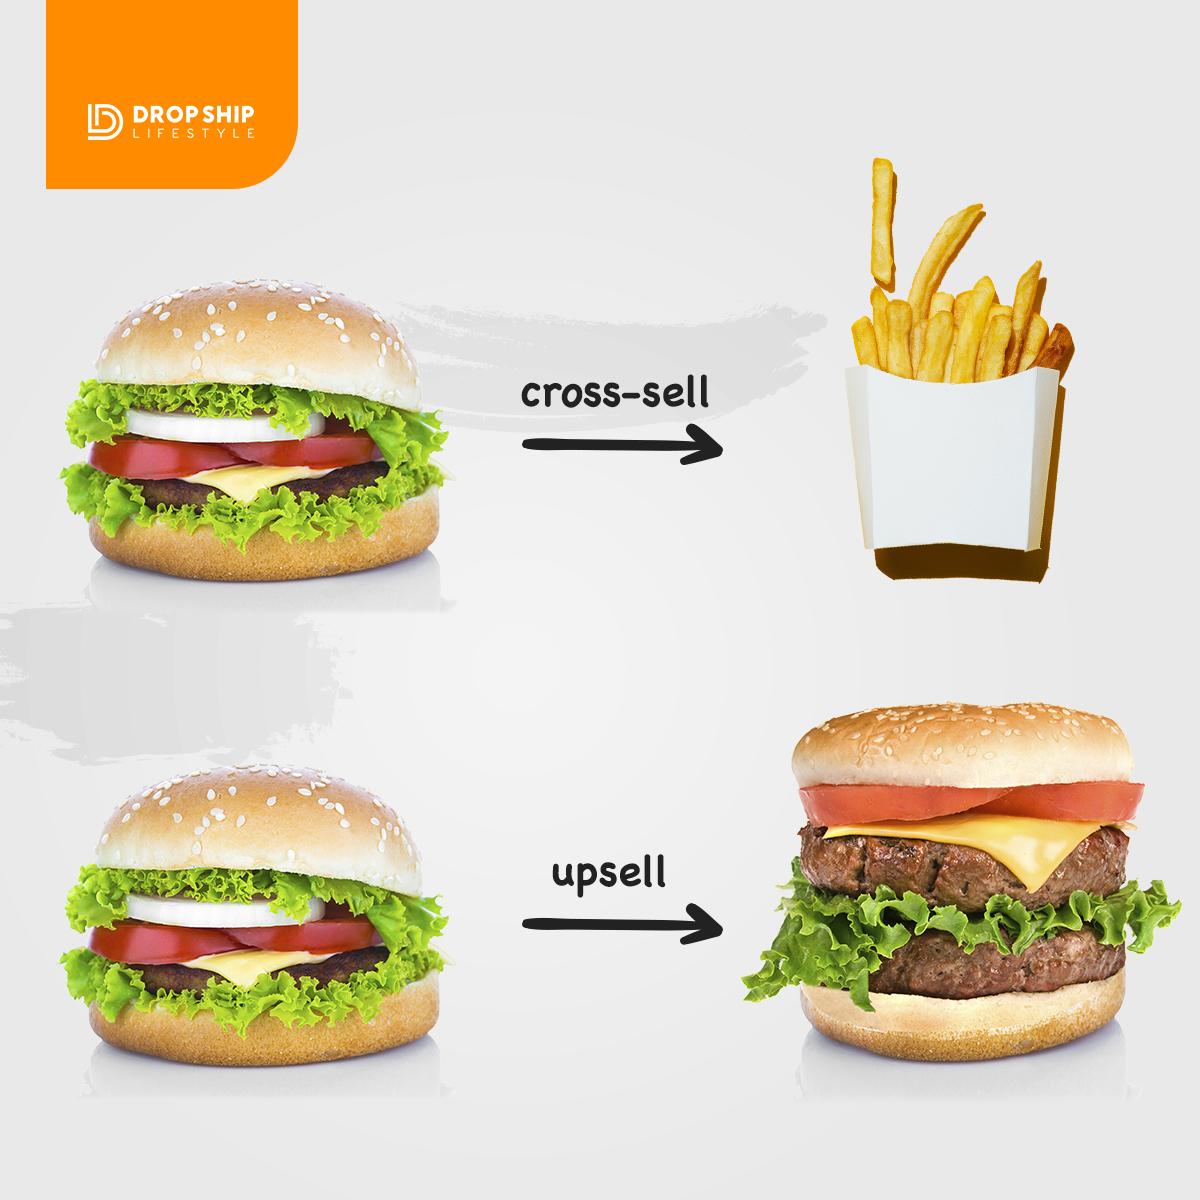 cross-sell vs upsell